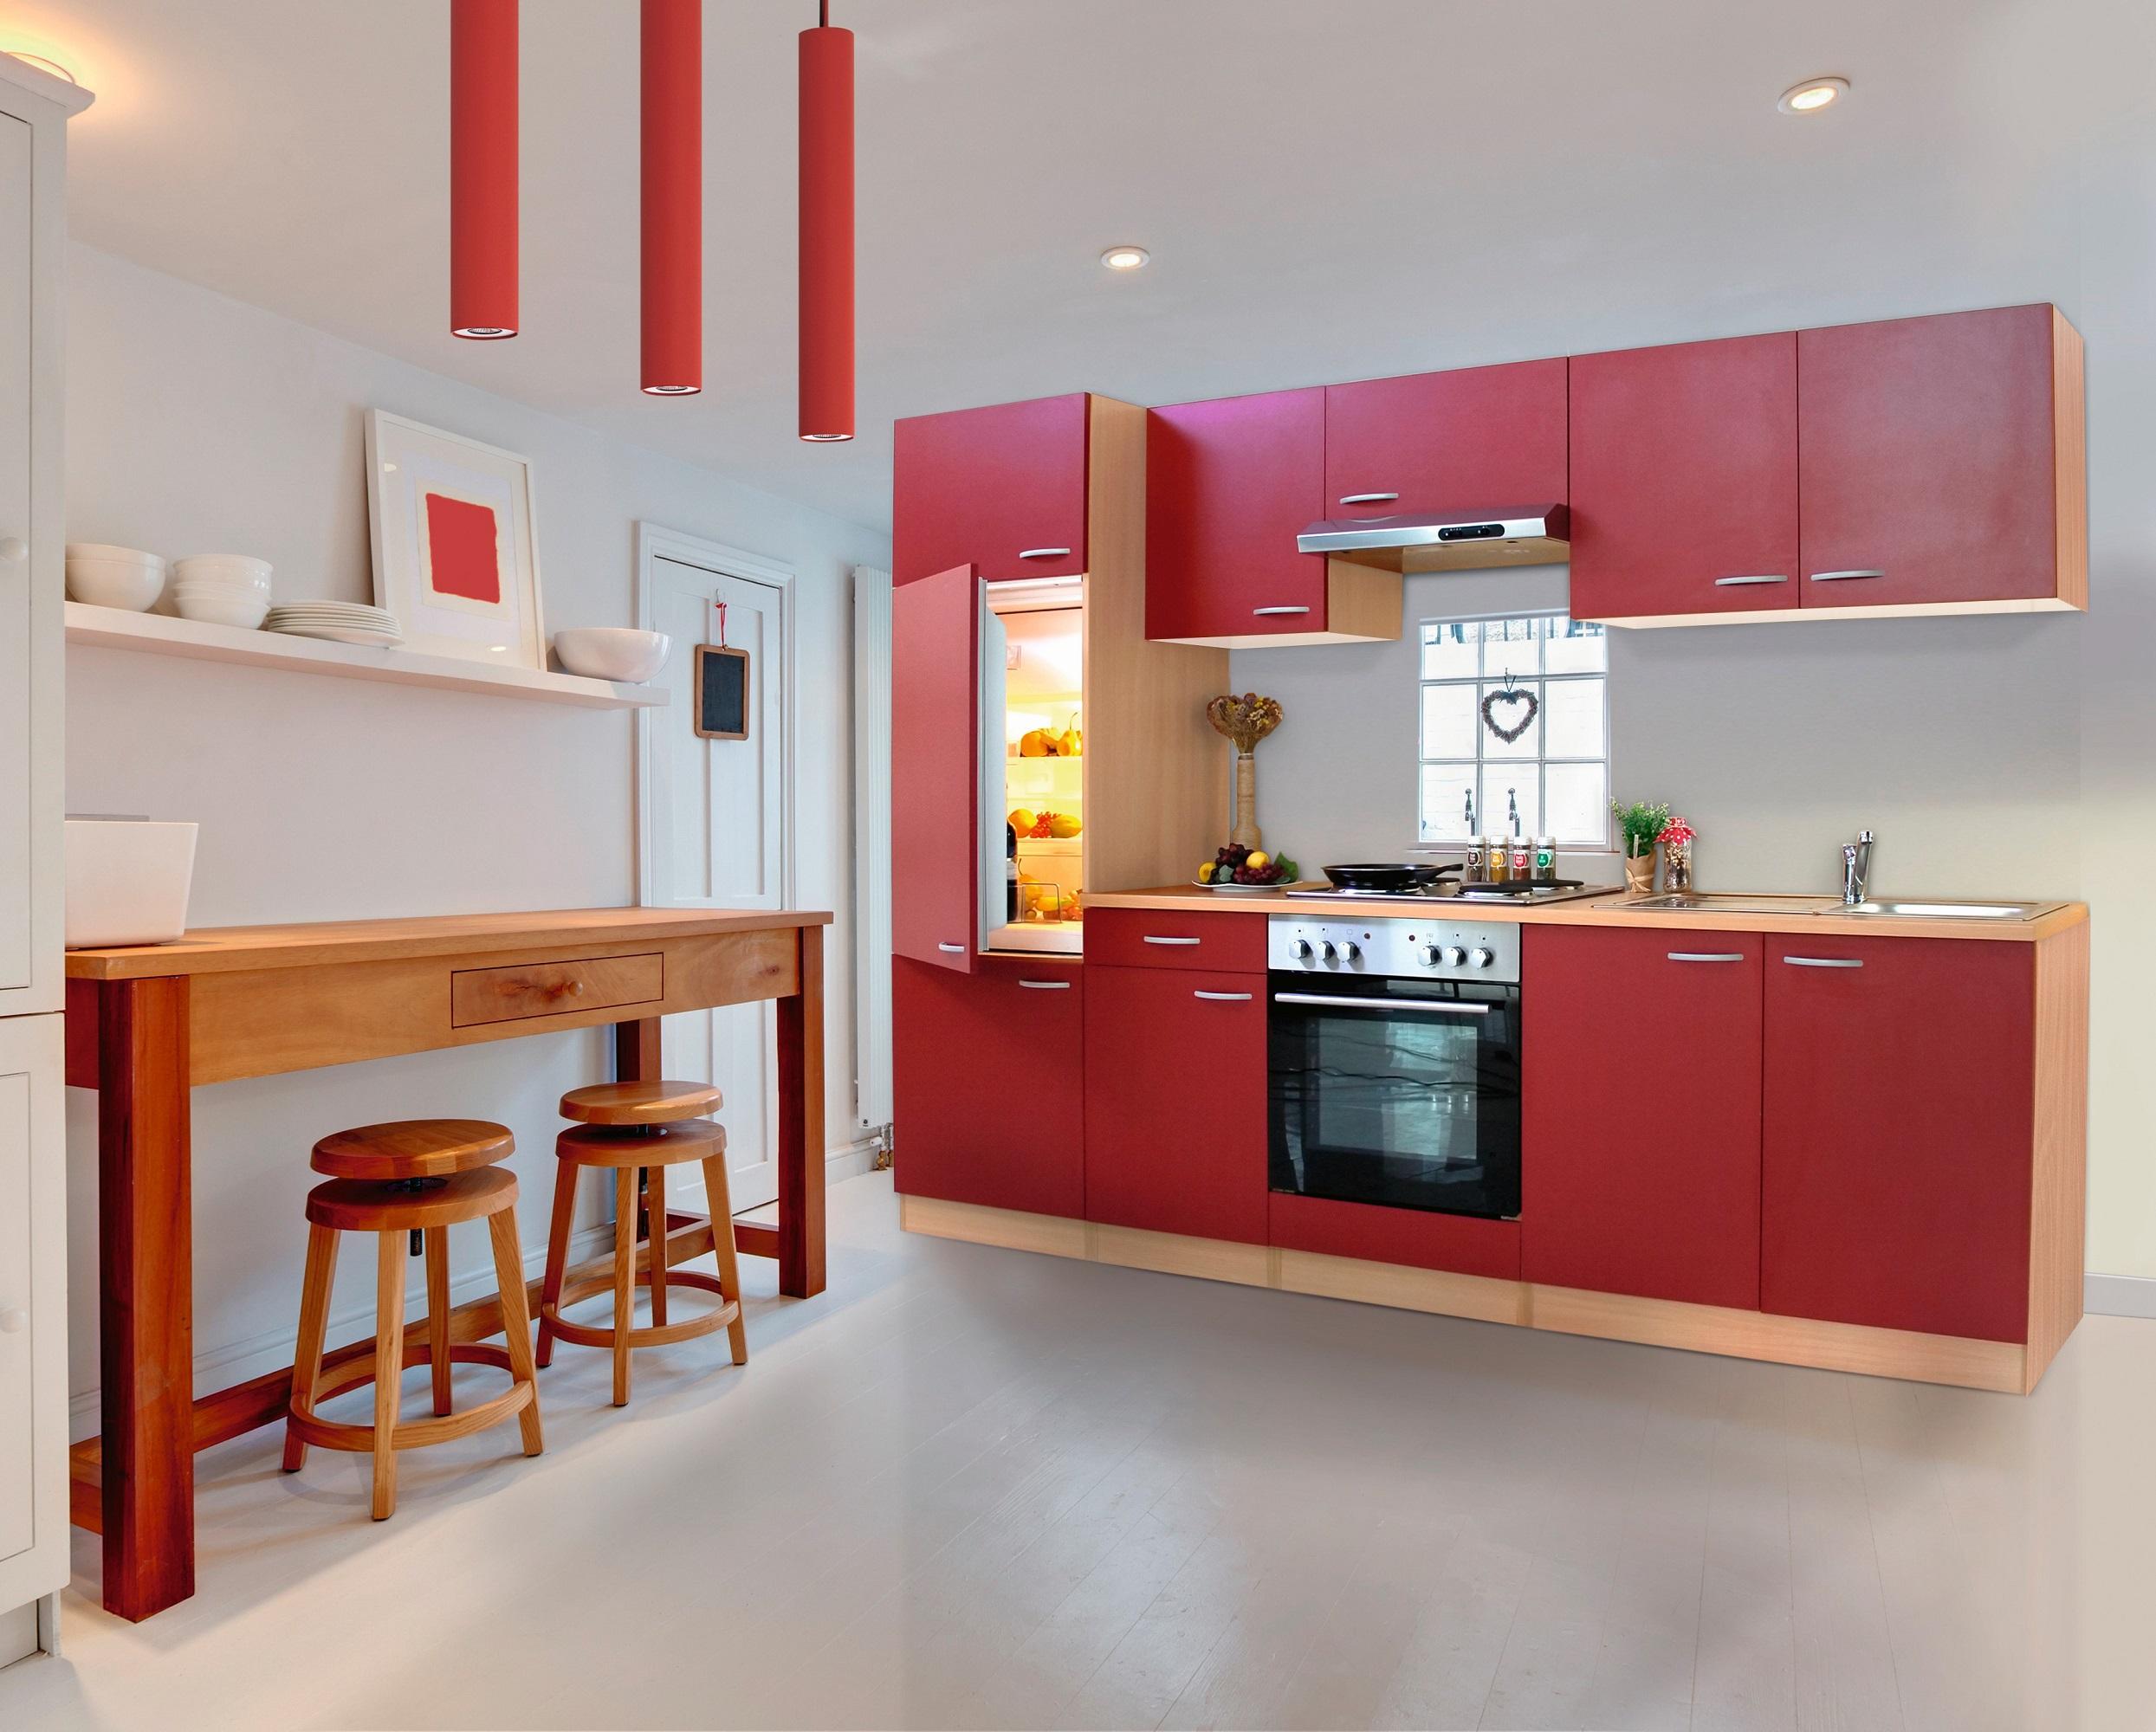 Full Size of Roller Komplettküche Komplettküche Mit Geräten Günstig Günstige Komplettküche Respekta Küche Küchenzeile Küchenblock Einbauküche Komplettküche Weiß 320 Cm Küche Komplettküche